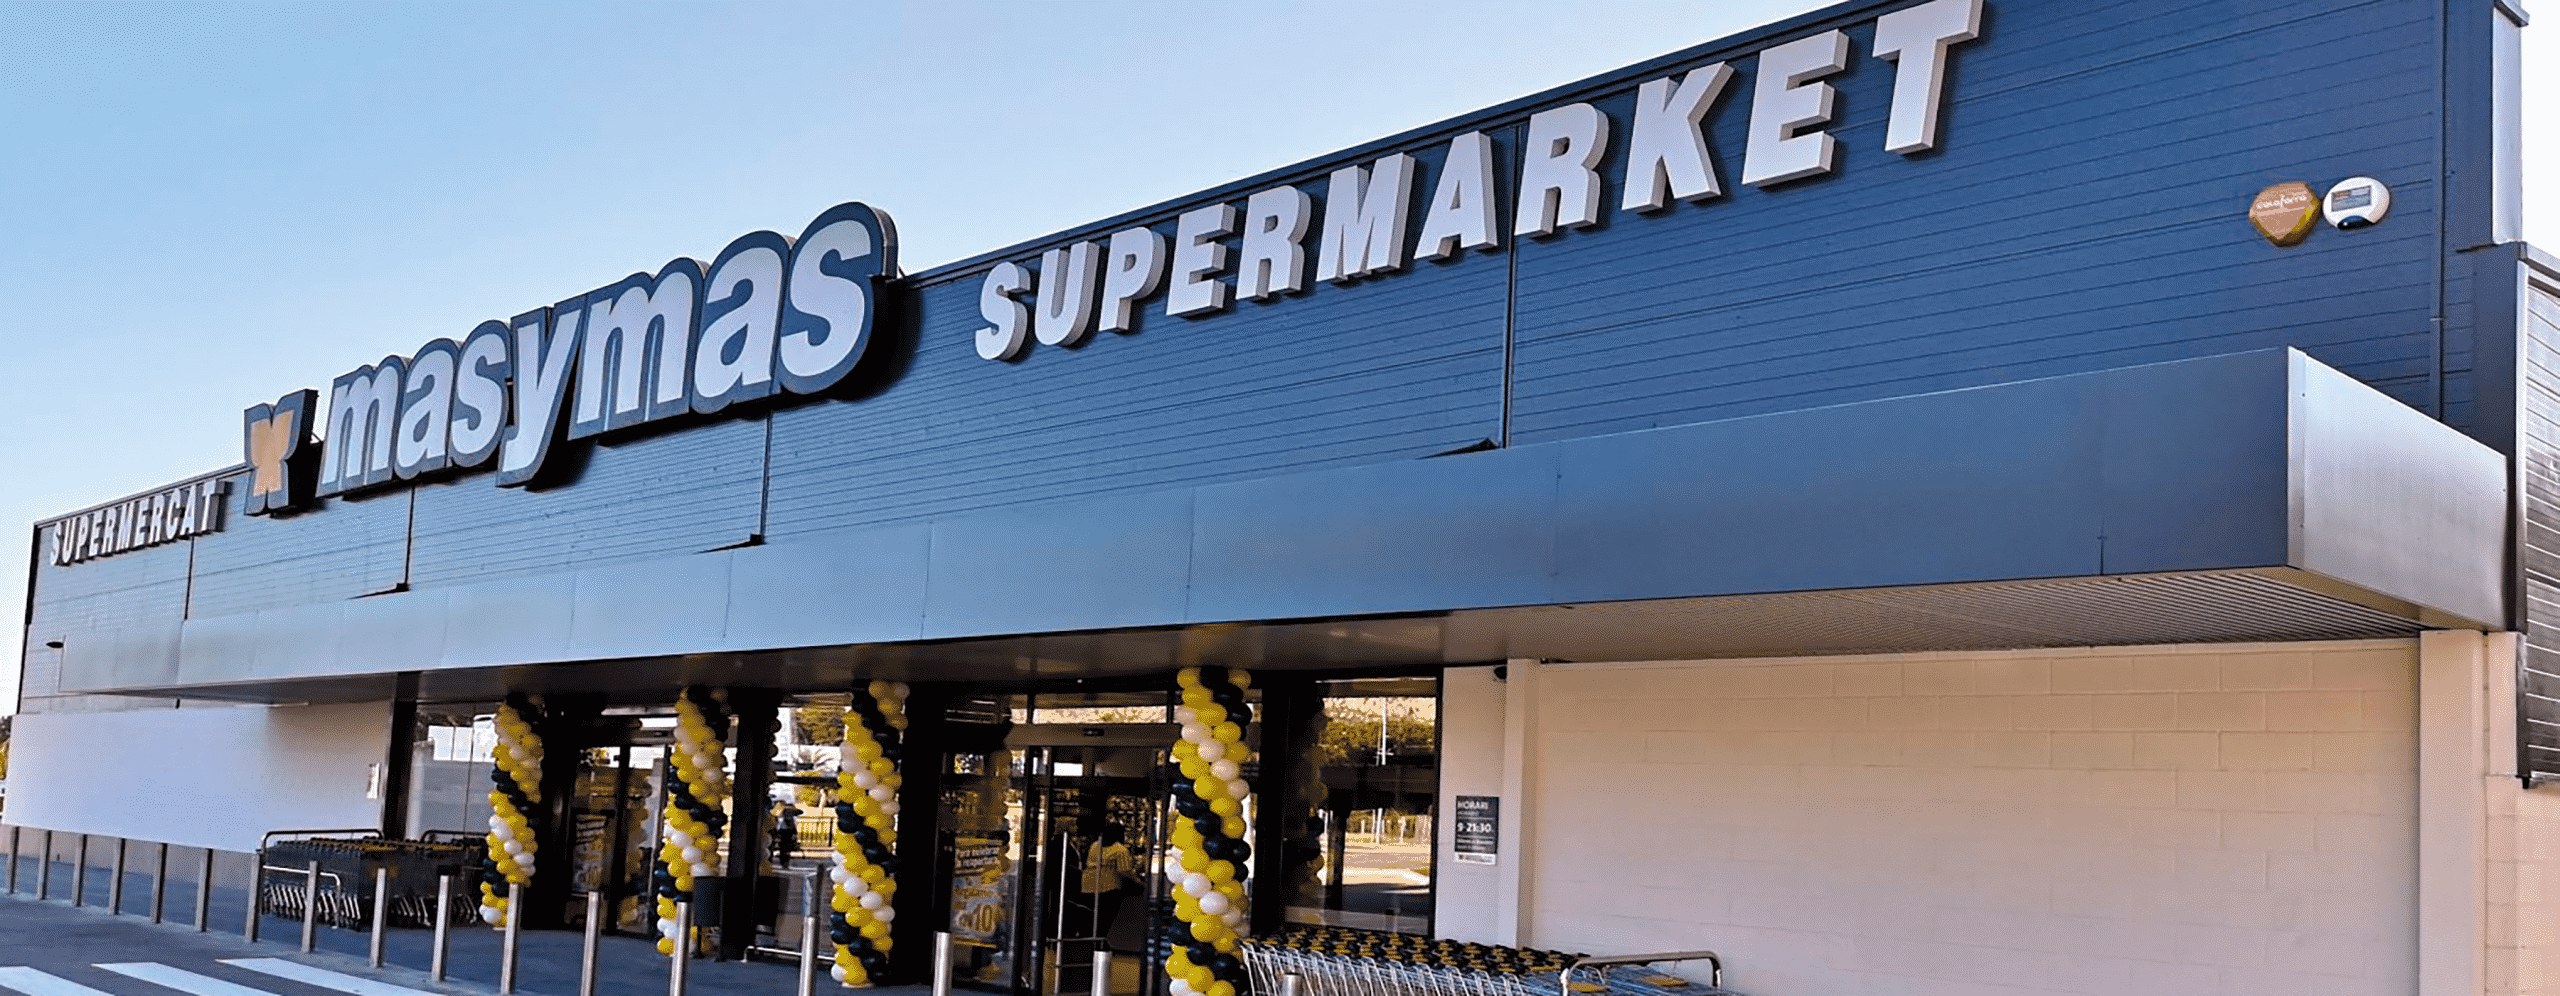 Supermercados asturianos Masymas juntam-se à base de clientes SISQUAL em Espanha